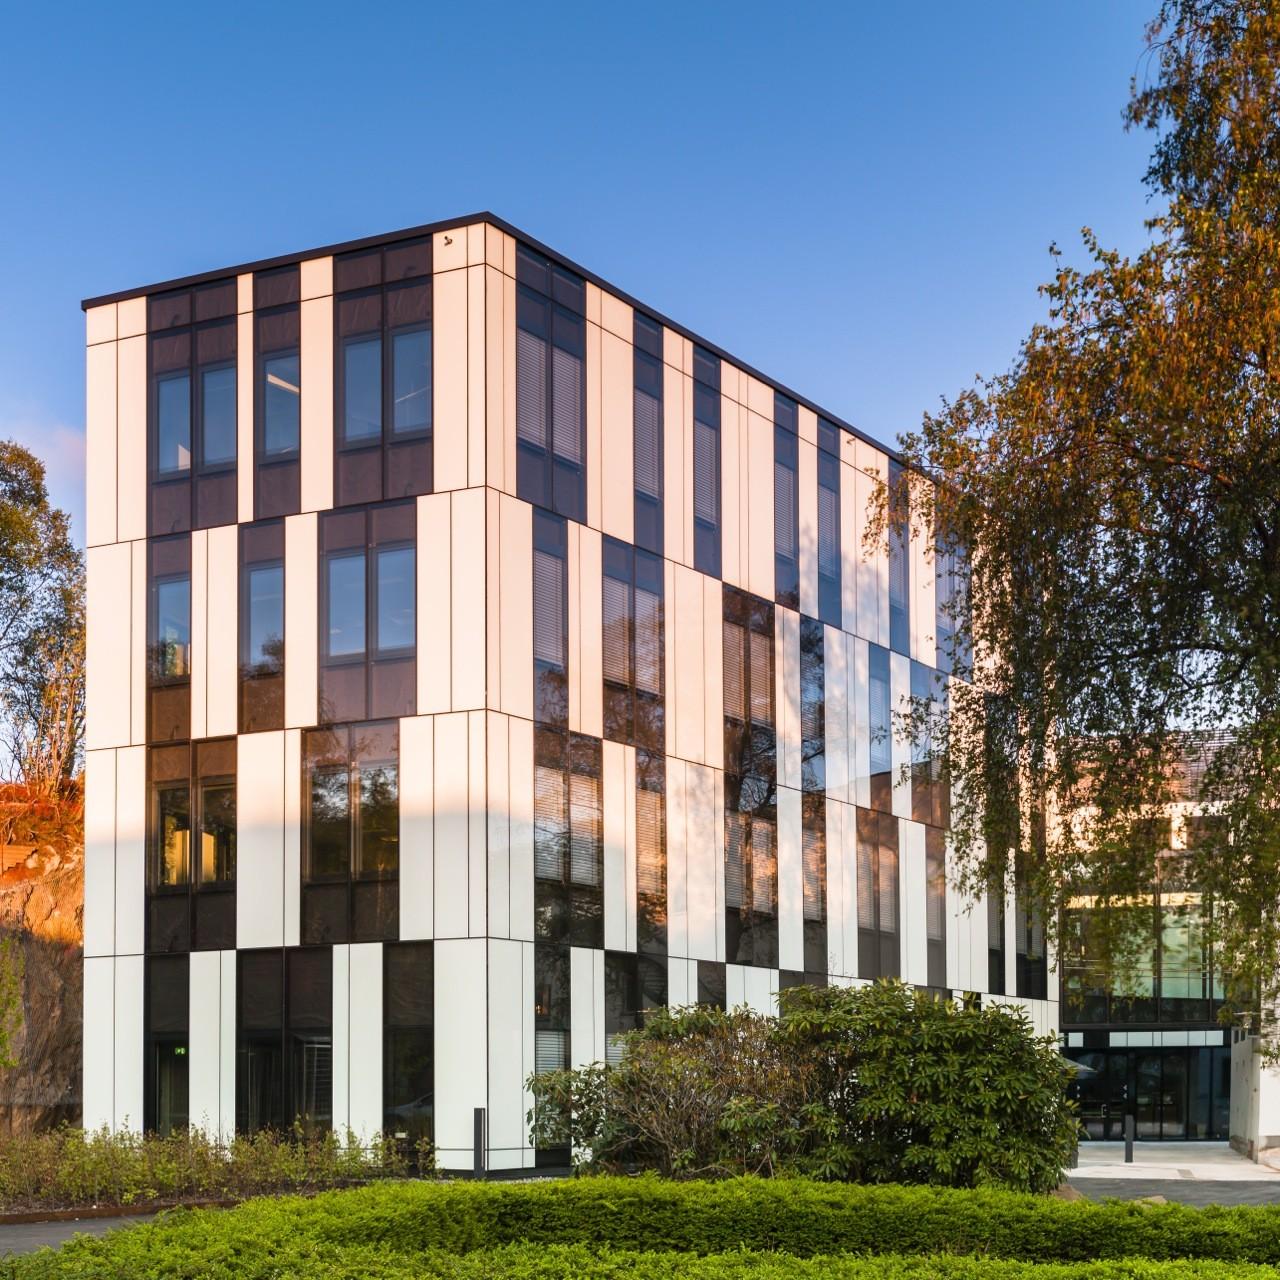 Norwegian School of Economics / Link arkitektur